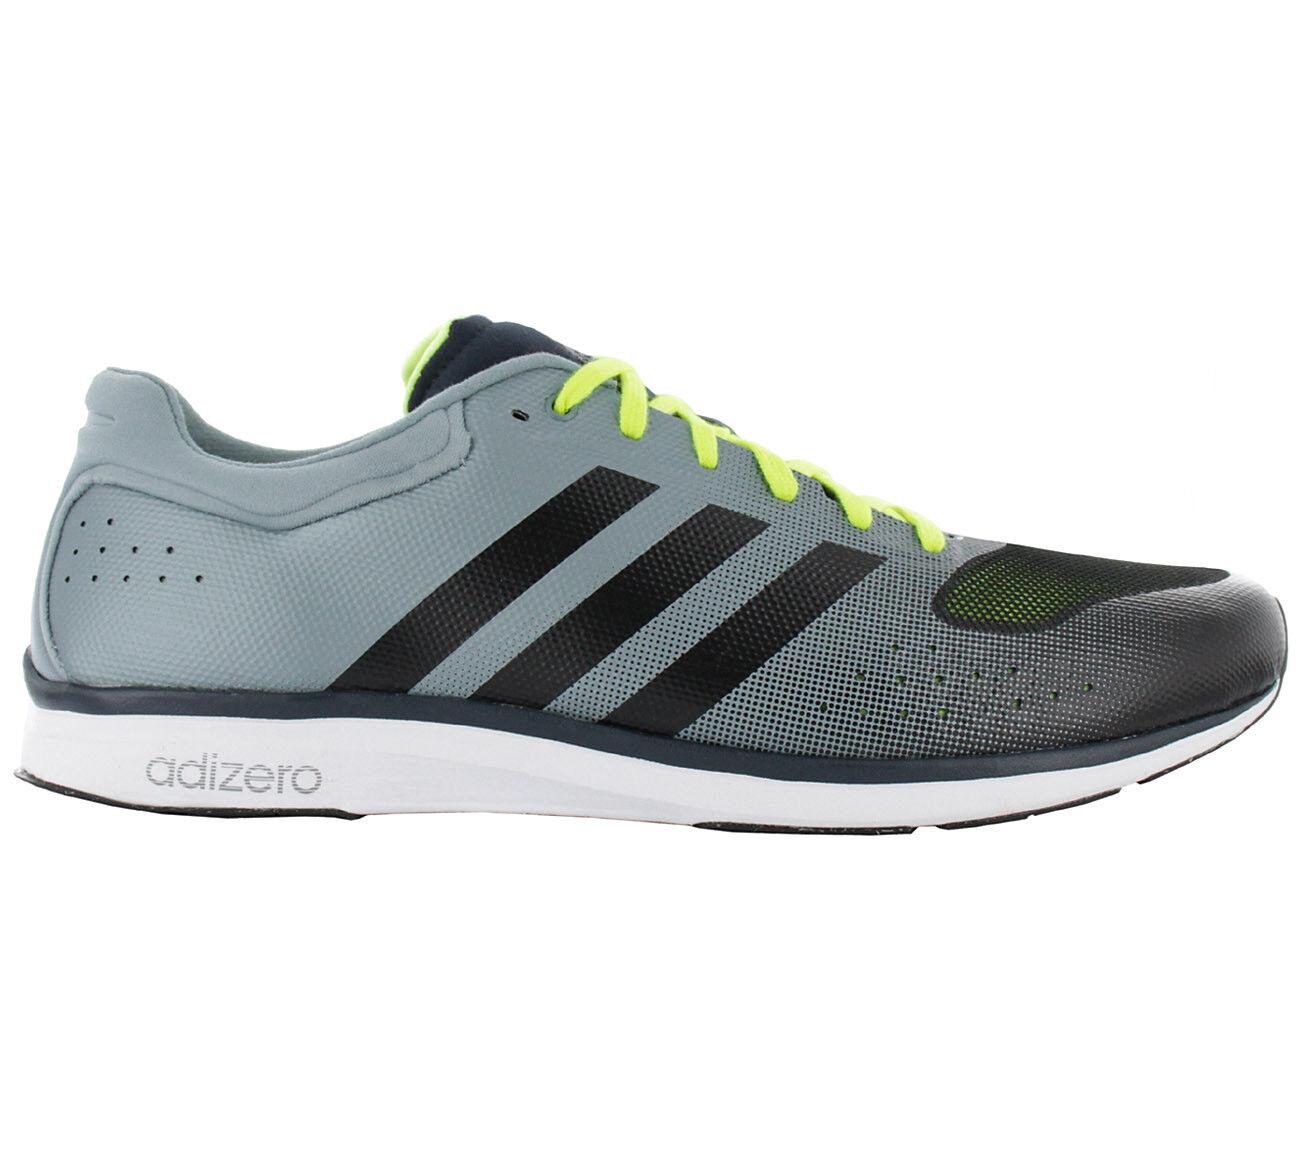 adidas adizero F50 RNR Zapatos Hombre Zapatillas de correr gris Training b22909